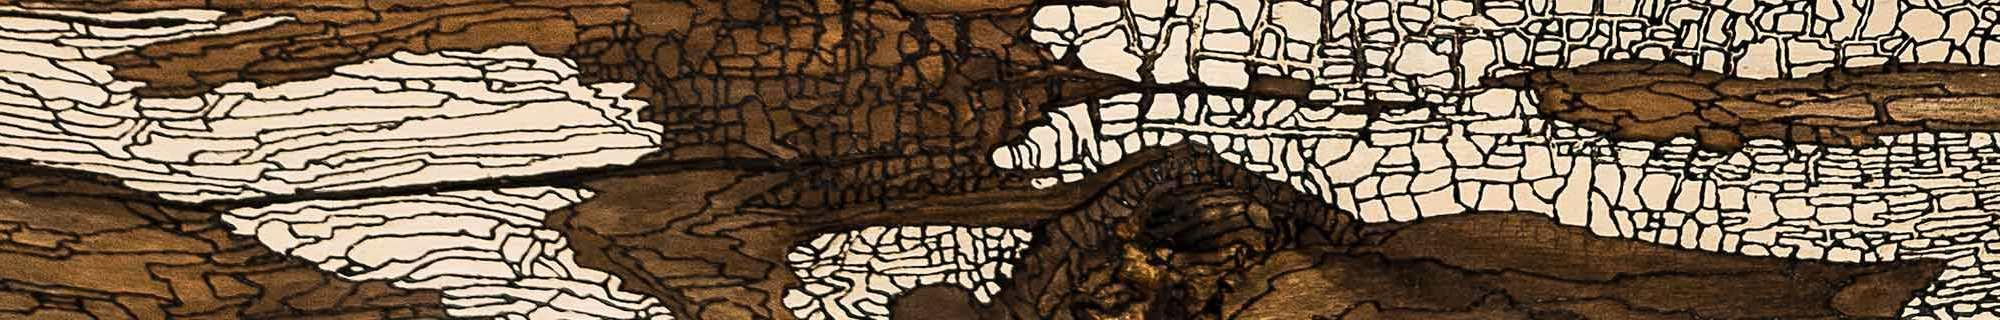 Aile d'Ange - détail - 128 x 46cm - acrylique sur bois flotté - © Annie Thérie